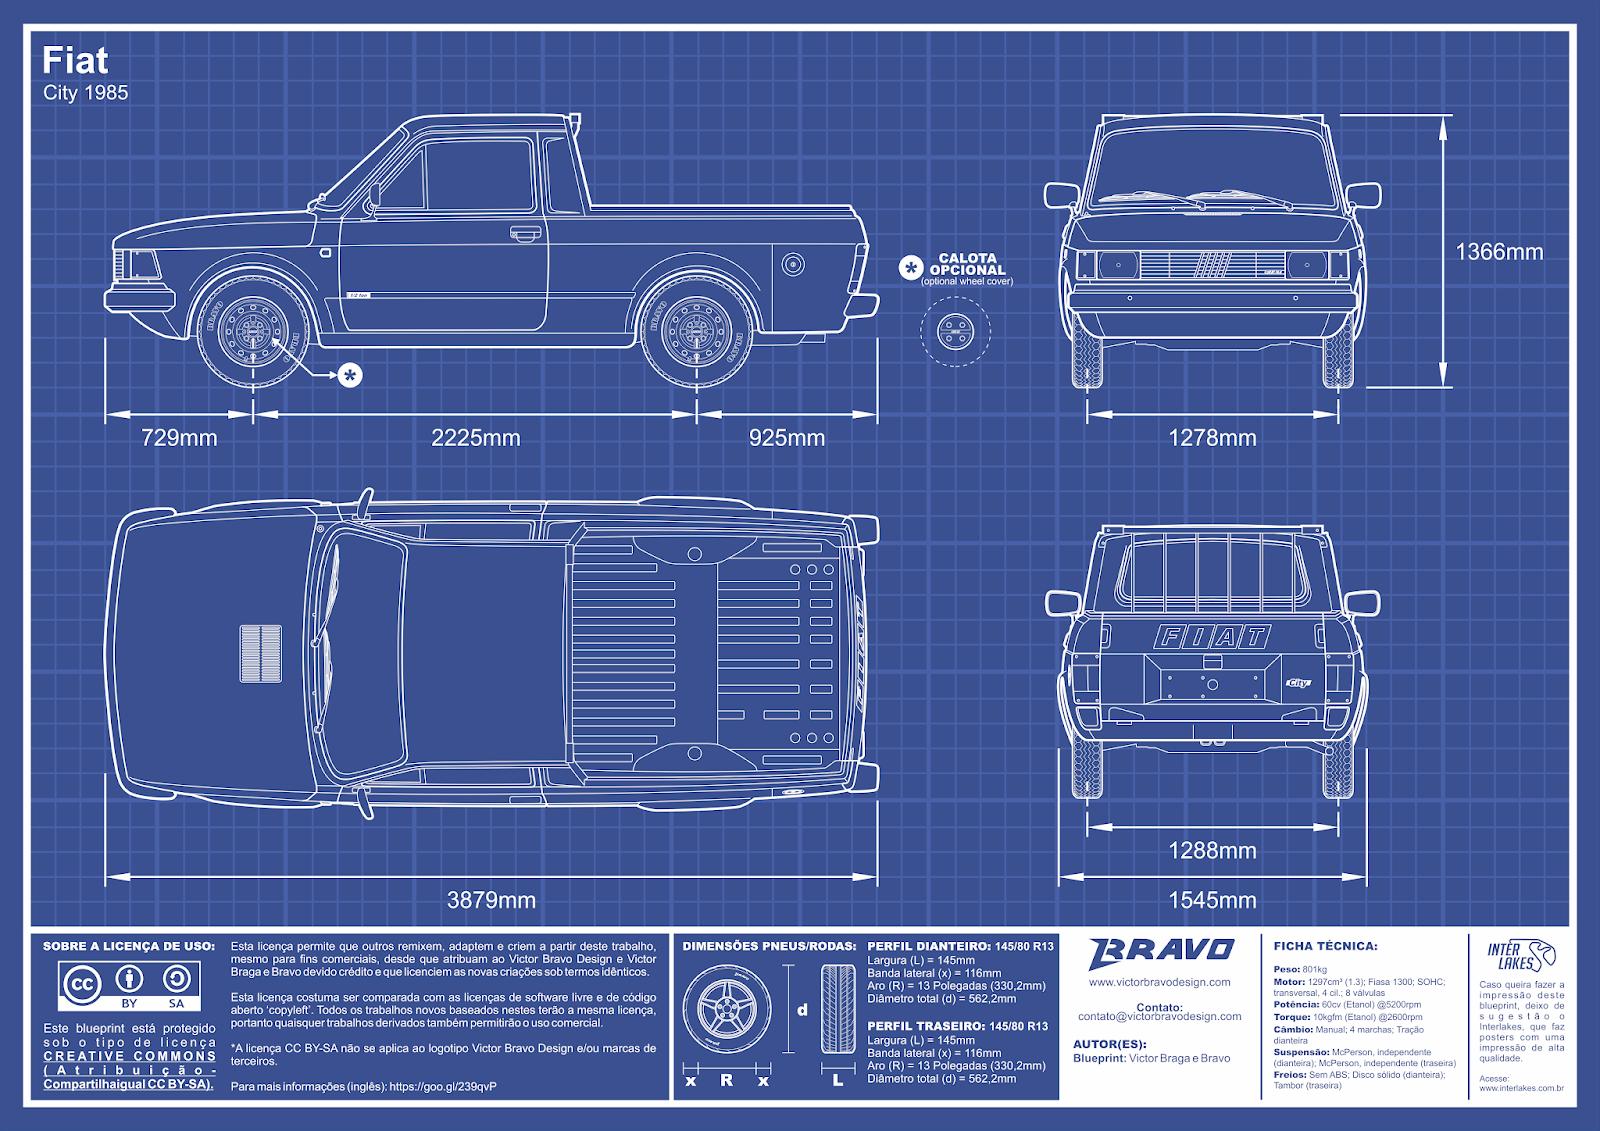 Imagem mostrando o desenho do blueprint do Fiat City 1985